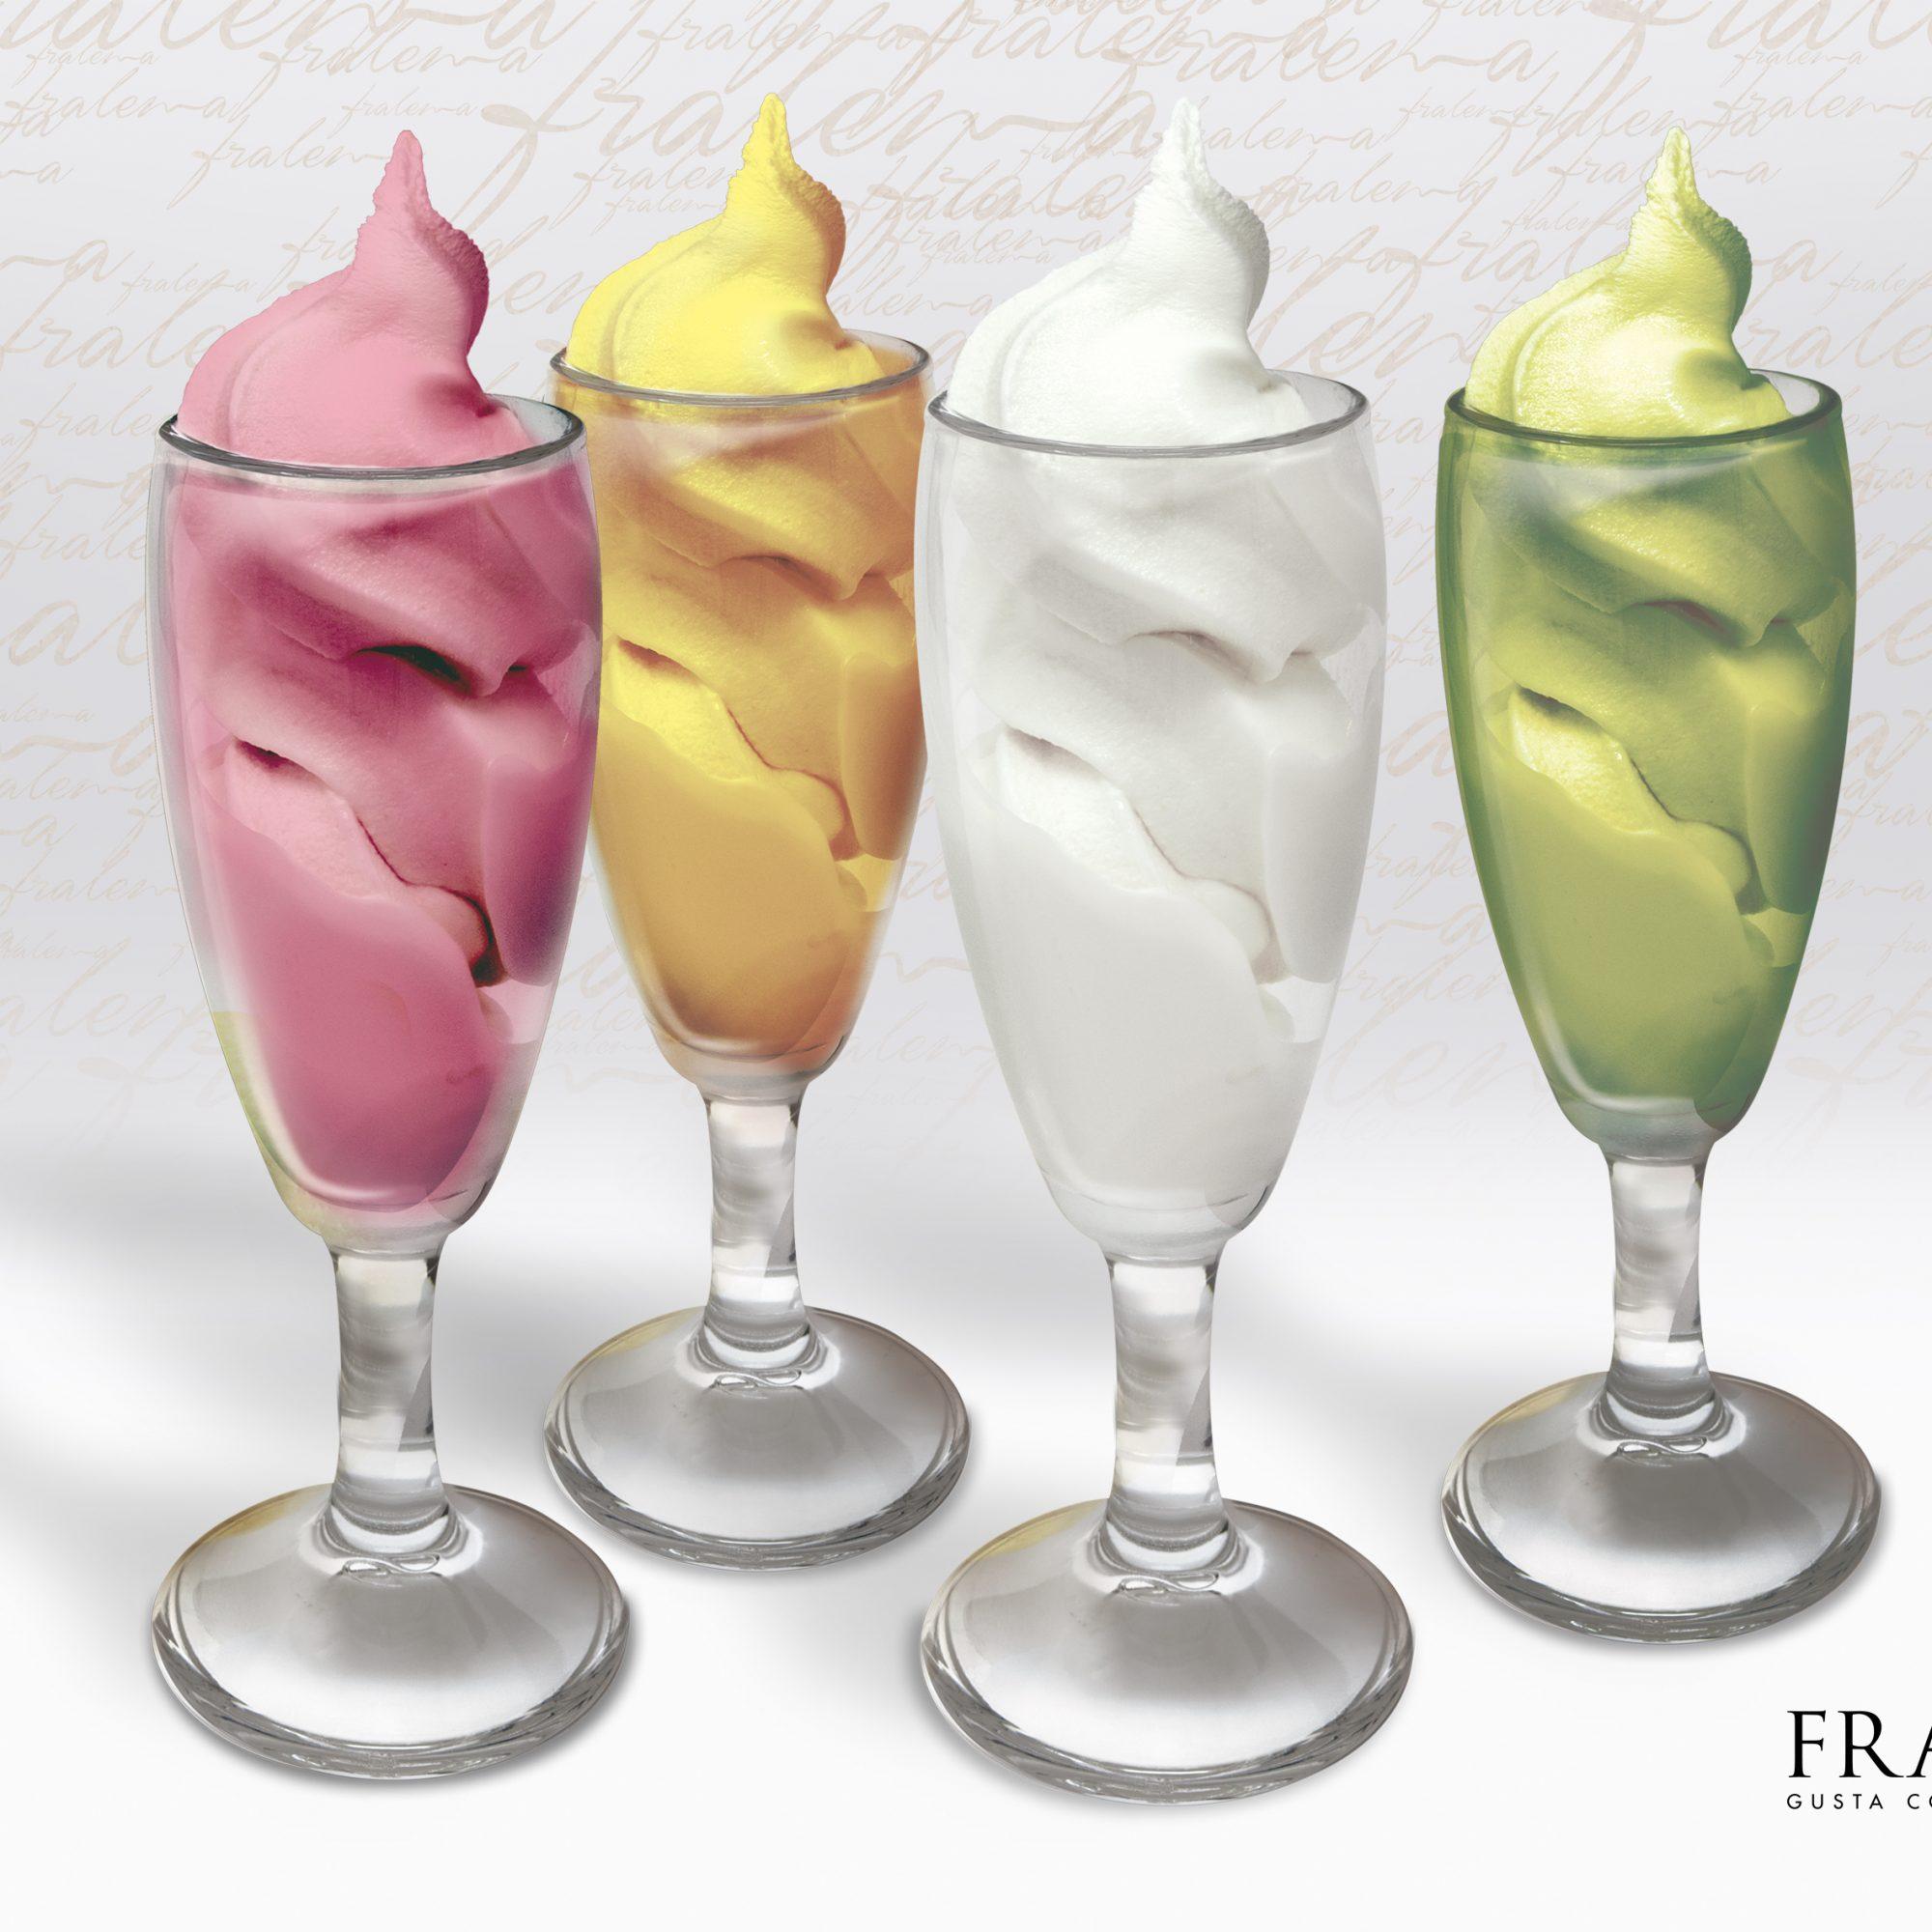 fralema_prodotti per la caffetteria_i freddi_lemon cream_mandarin cream_apple cream_strawberries cream